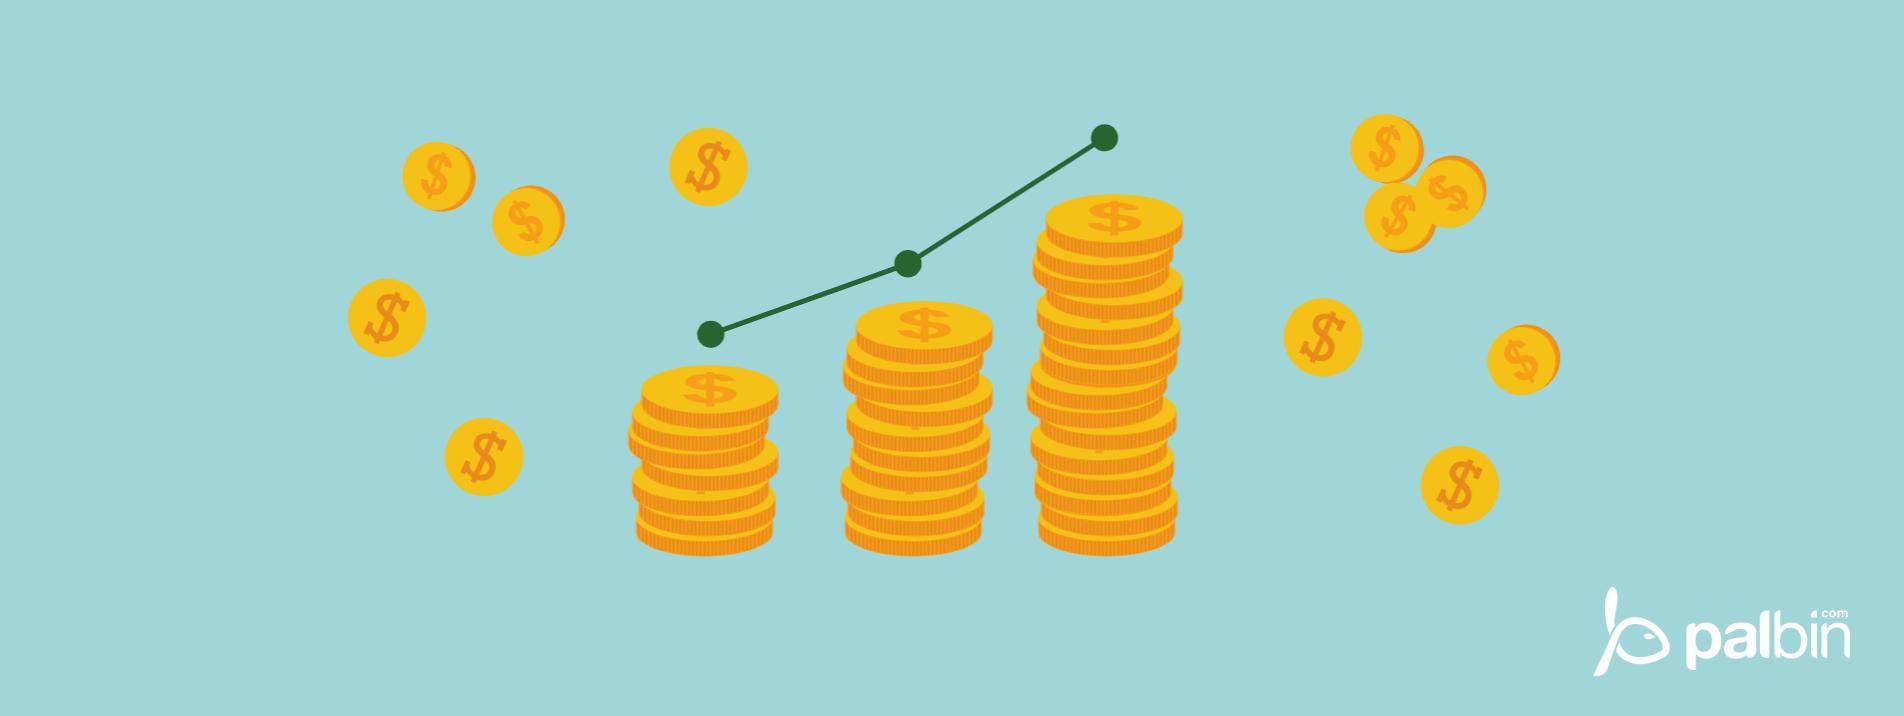 ¿Cómo saber si mi campaña en Google Ads puede ser rentable?